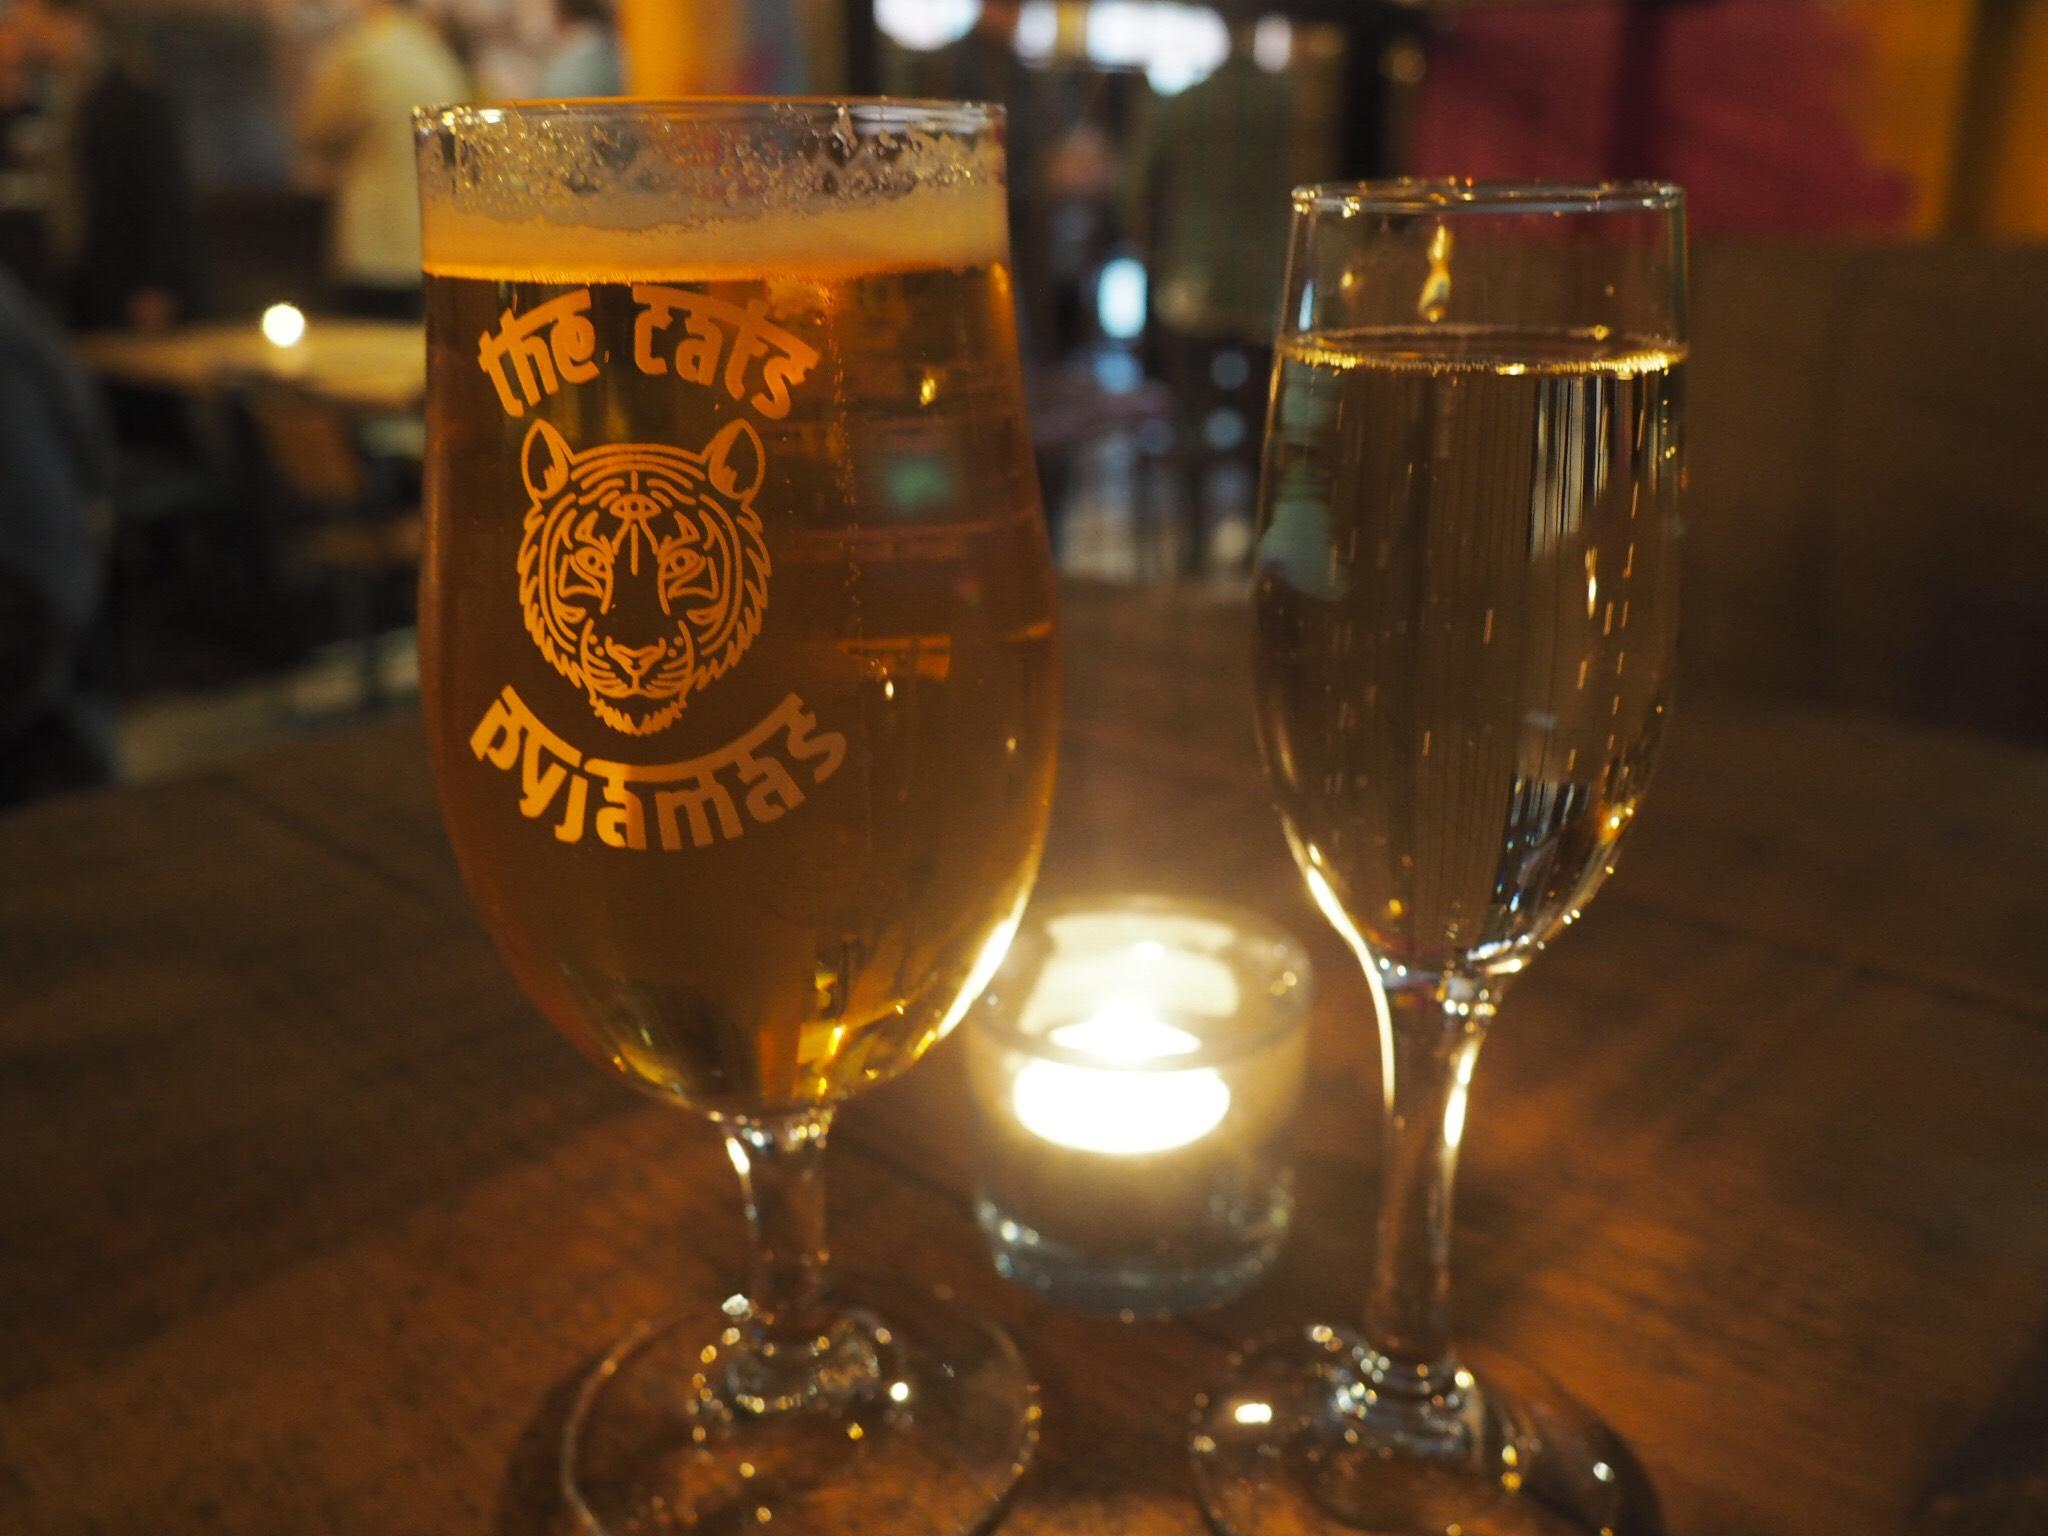 Cats-Pyjamas-Beer-Wine